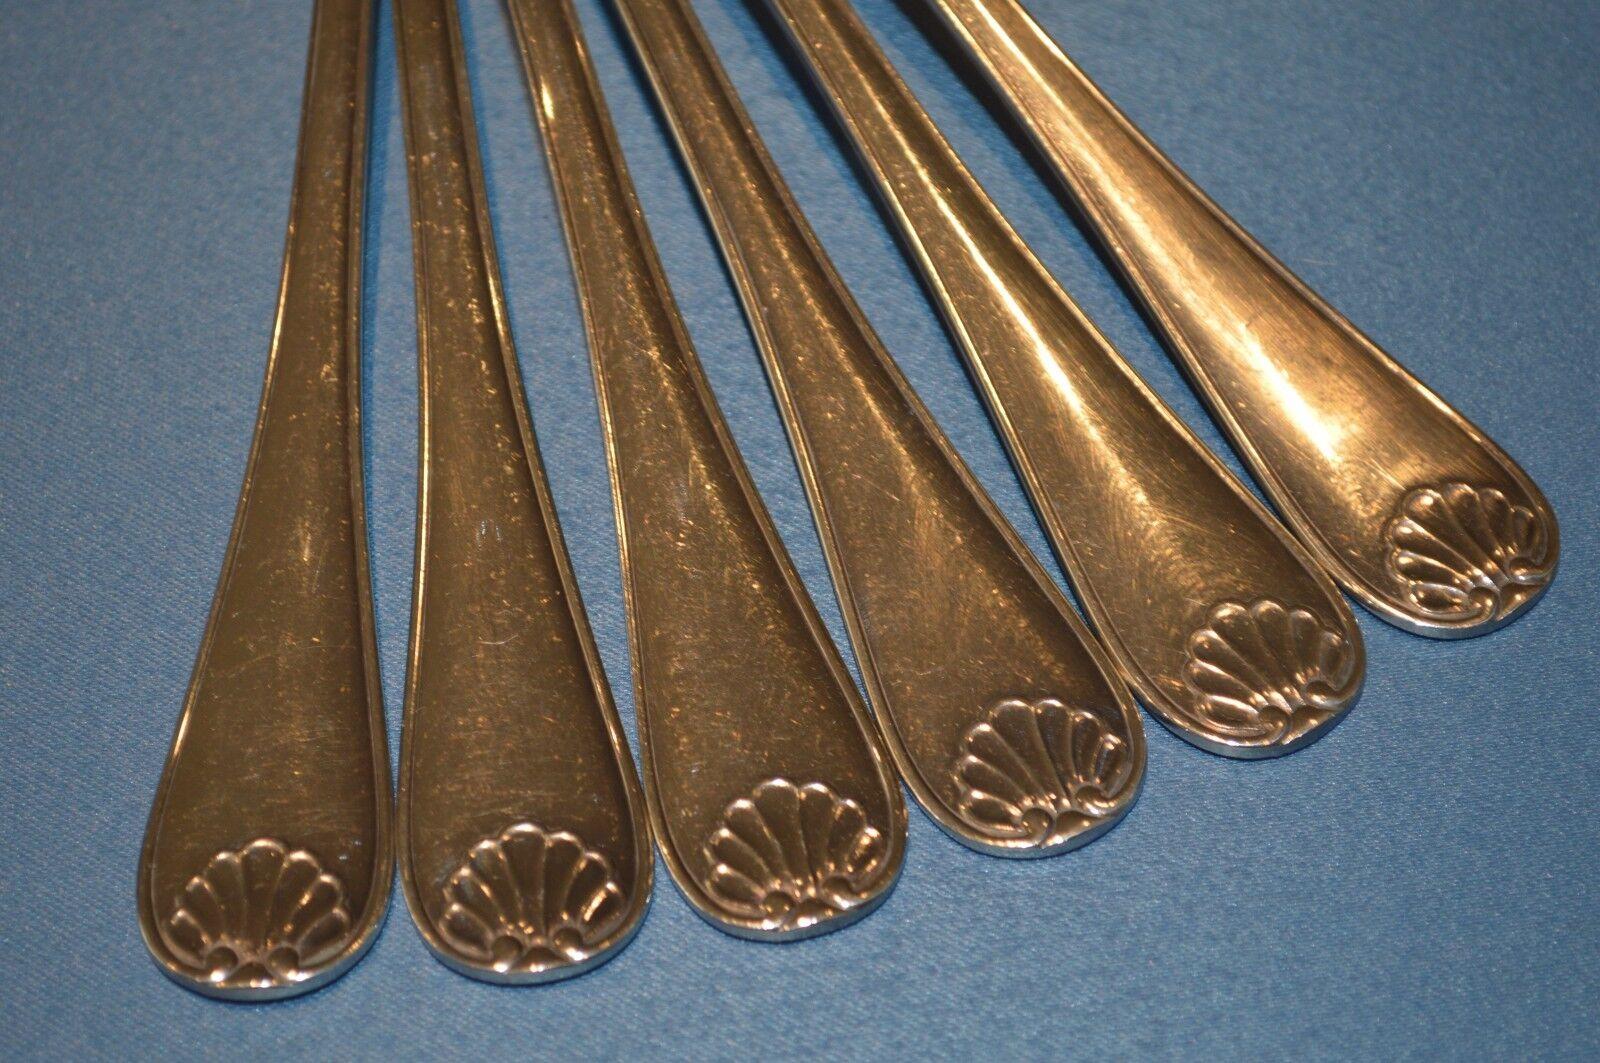 12 COUGrünS DE TABLE METAL SilberE DECOR COQUILLE ORFEVRERIE ORFEVRERIE ORFEVRERIE LIBERTY 19aeb5